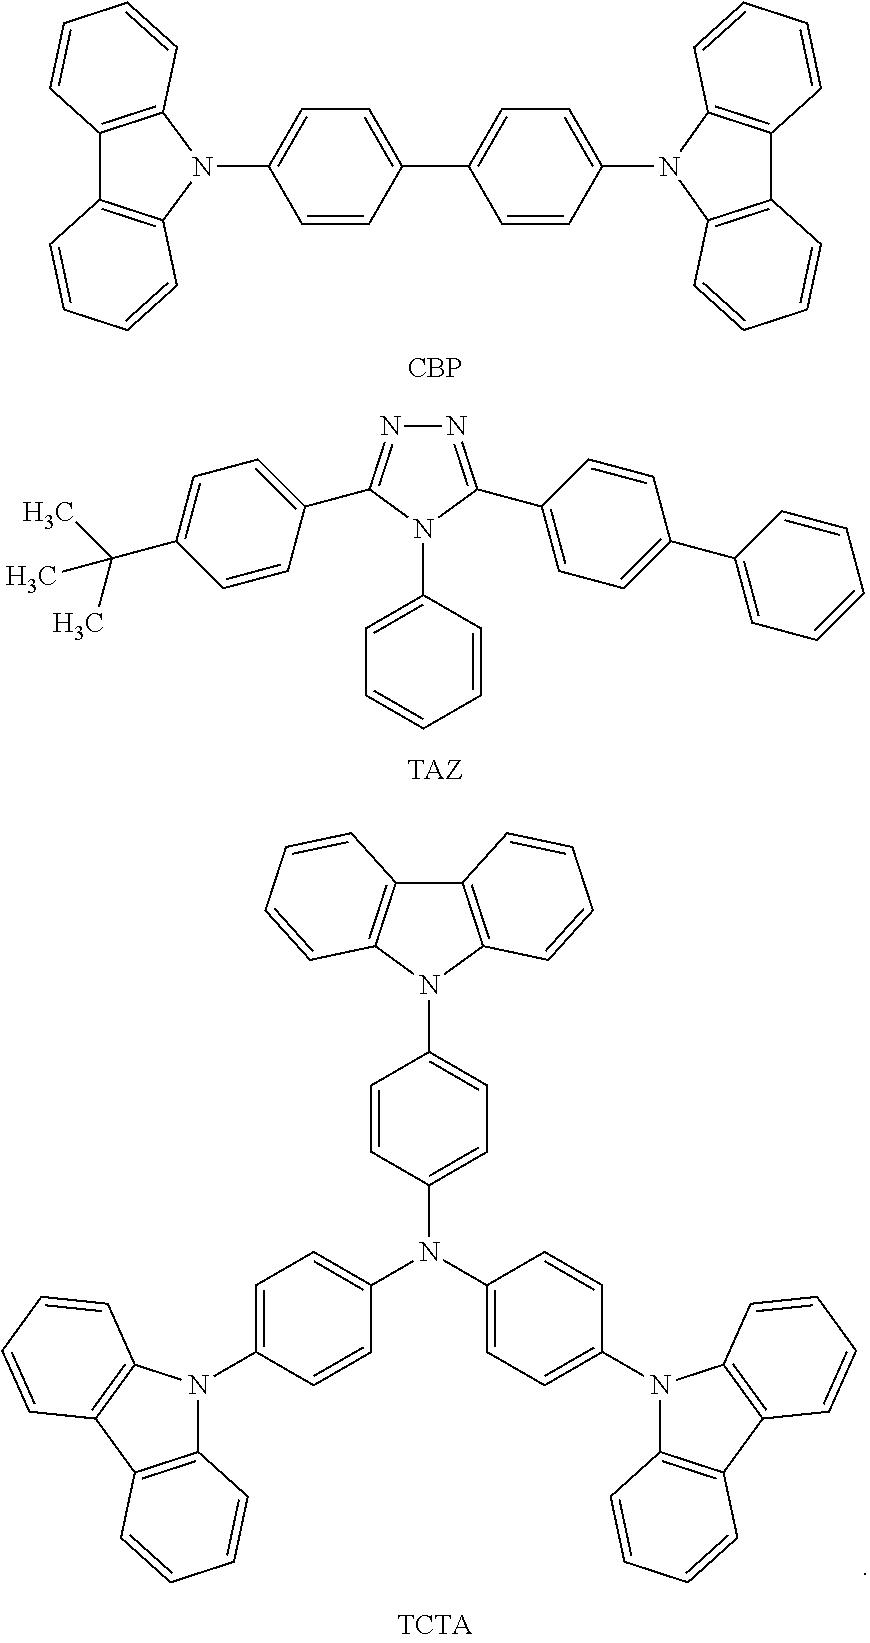 Figure US20100327264A1-20101230-C00010